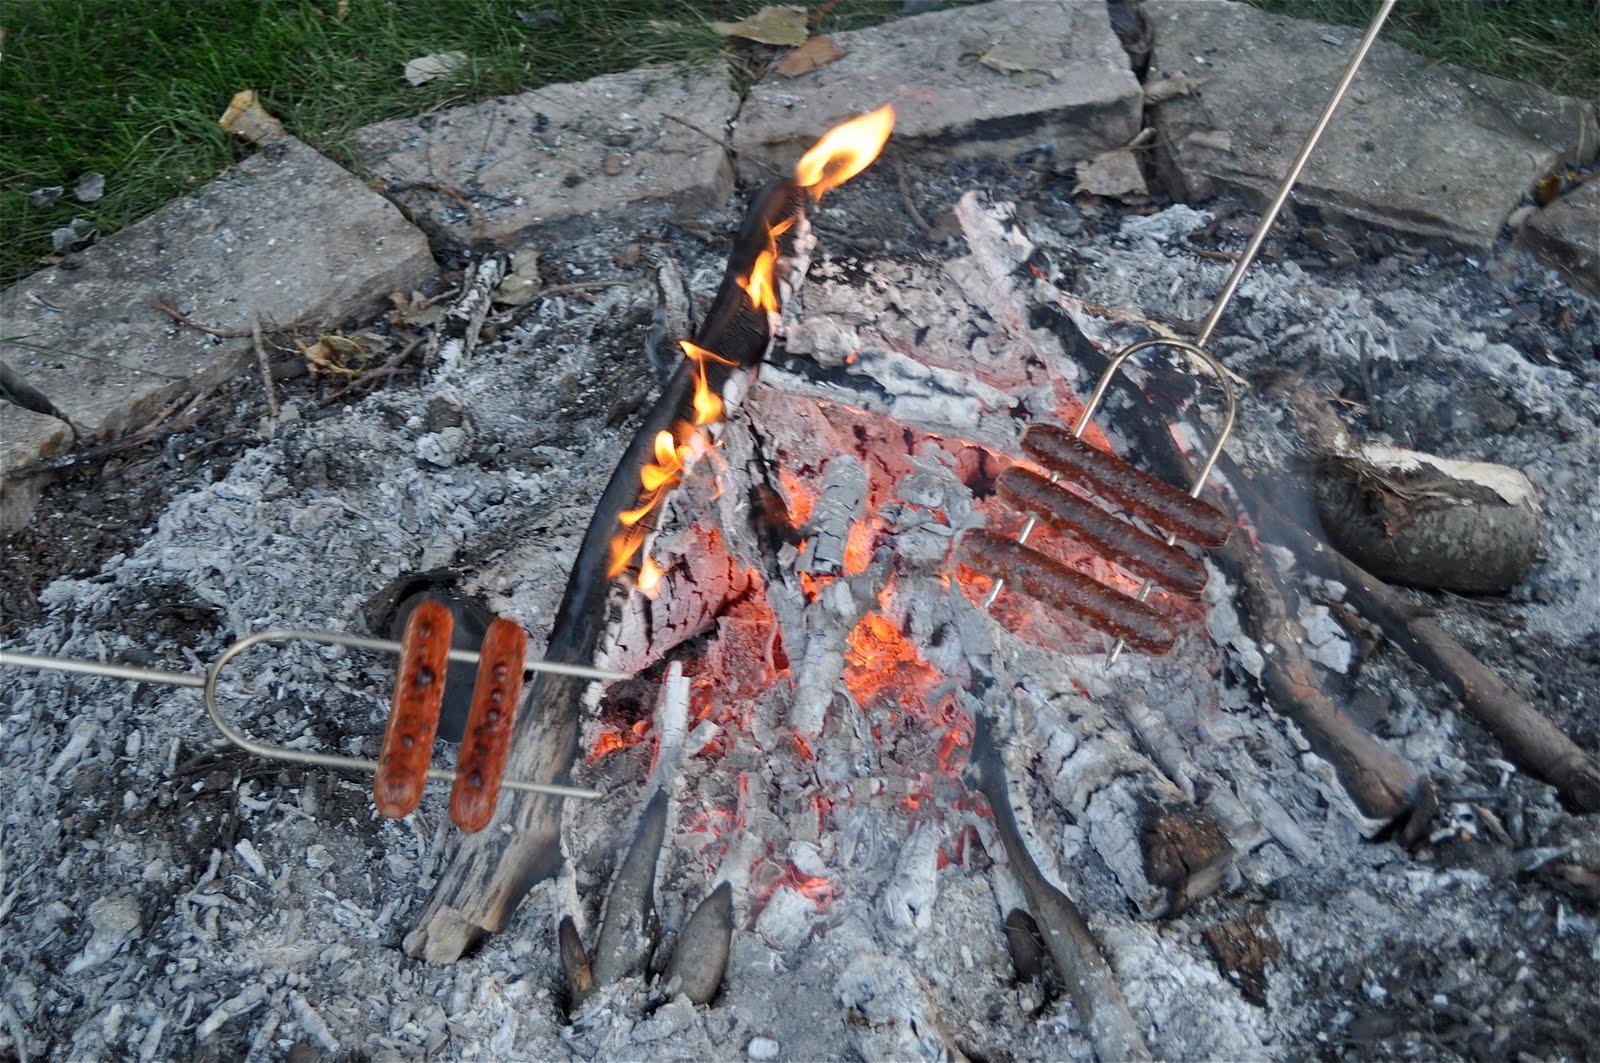 Eagan minnesota swingers tuedays at bonfires